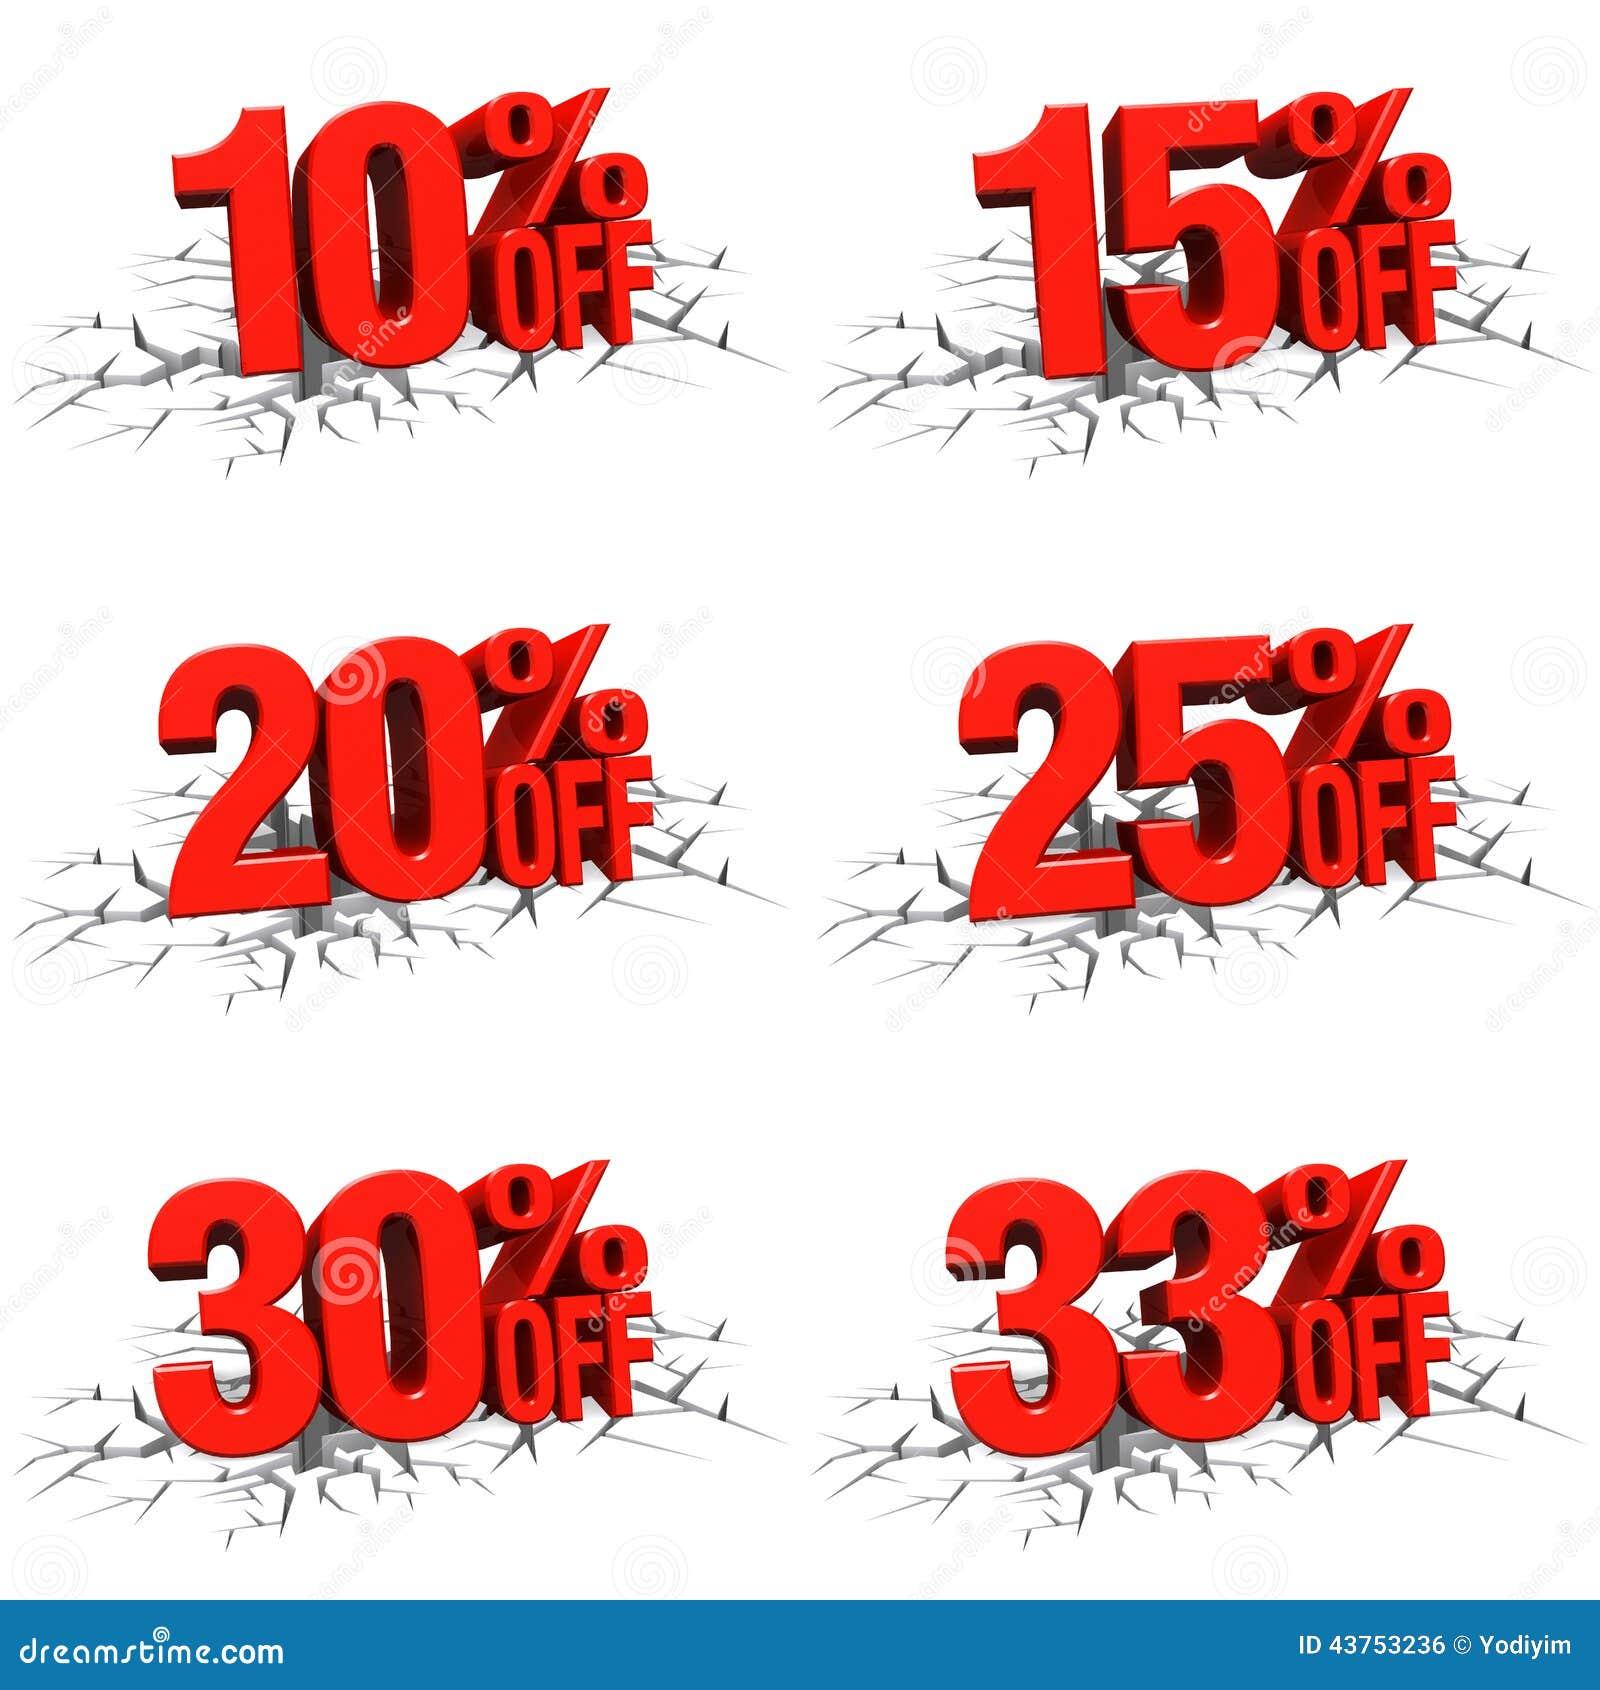 25 30 30 Helloworld: 3D Rendem O Texto Vermelho 10,15,20,25,30,33 Por Cento